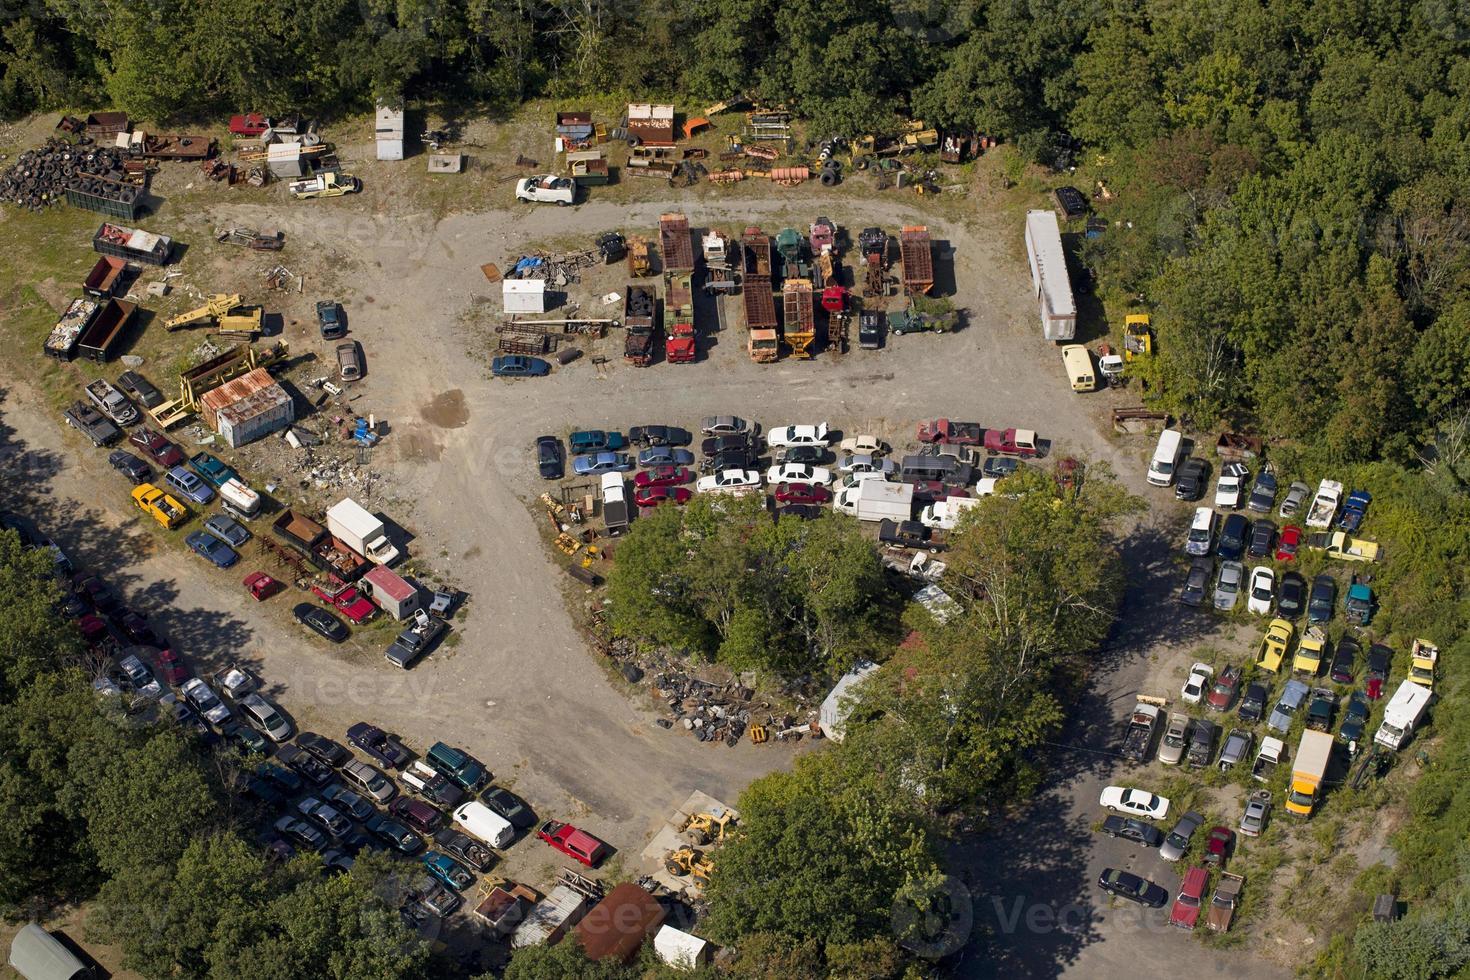 vista aerea del cantiere spazzatura foto